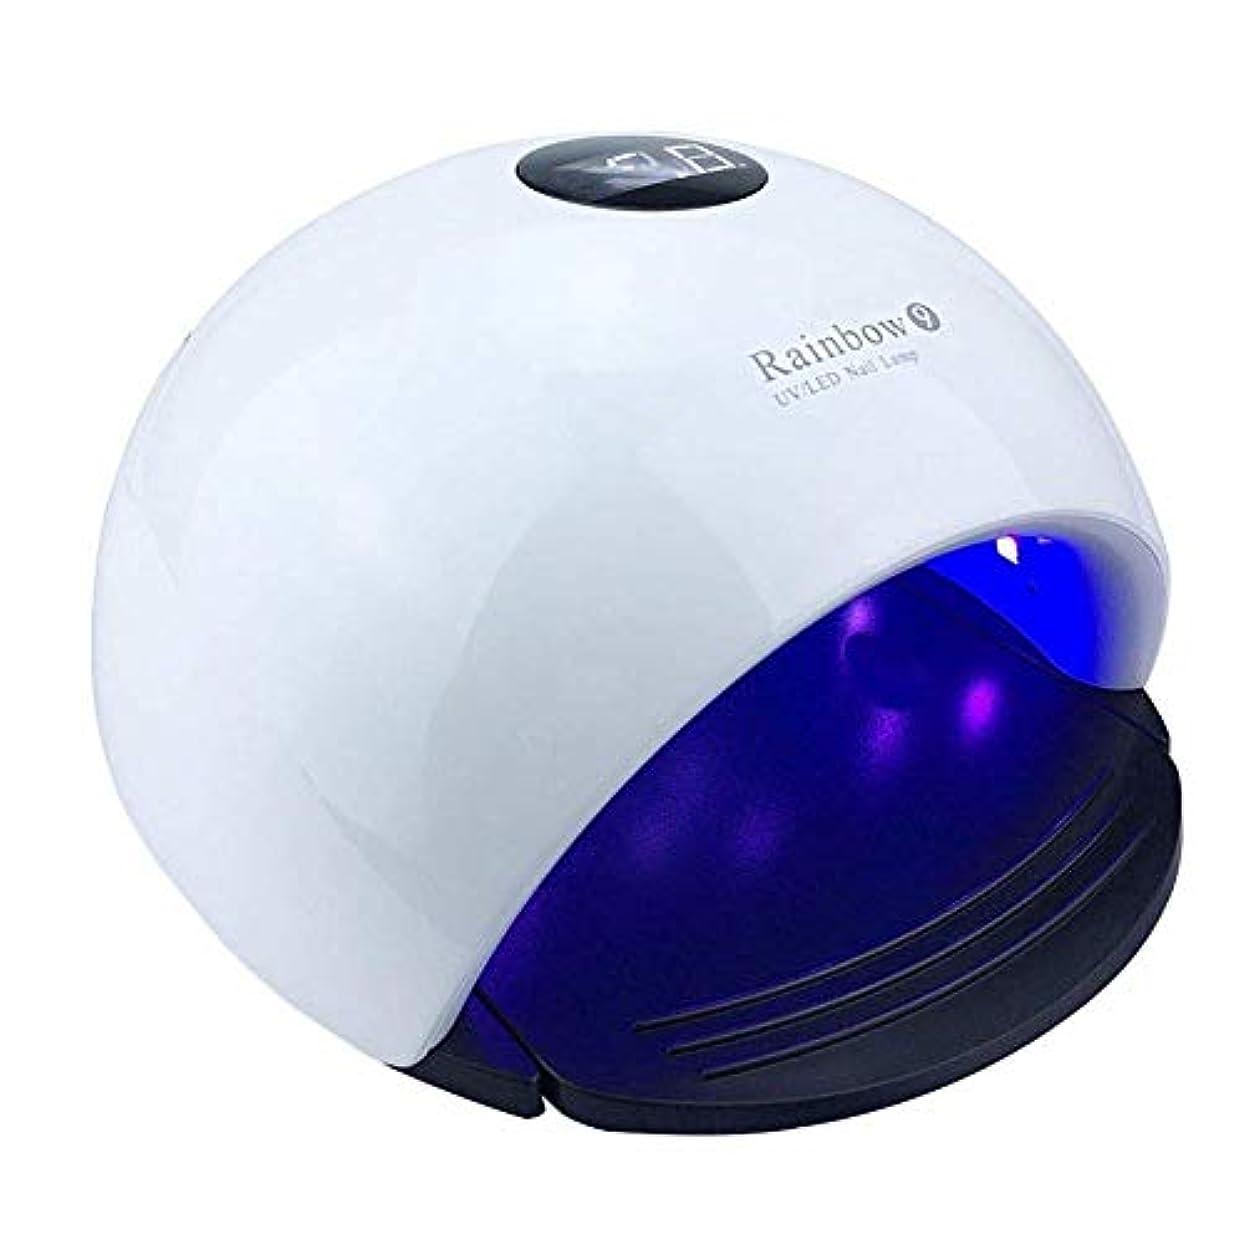 トロリーバス経過甲虫ネイルドライヤーRainbow 9 UV Light 48Wネイルドライヤー24個入りLEDランプネイル用UV LEDネイルランプジェルネイル用硬化ポリッシュマニキュアツール、写真の色